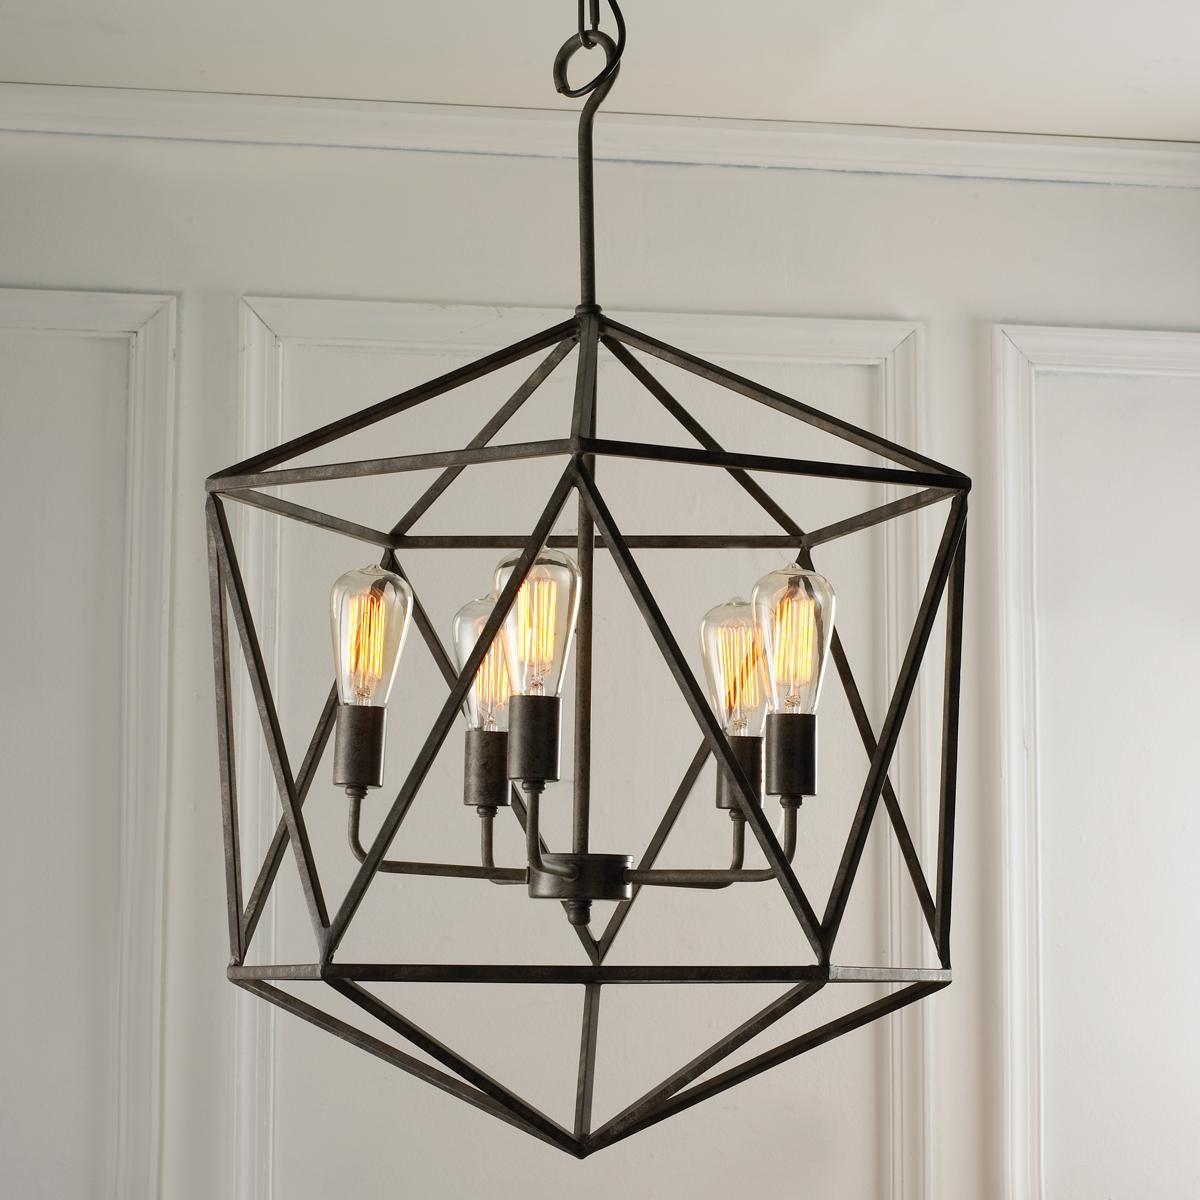 Large prism chandelier industrial chandelier modern for Large modern chandelier lighting